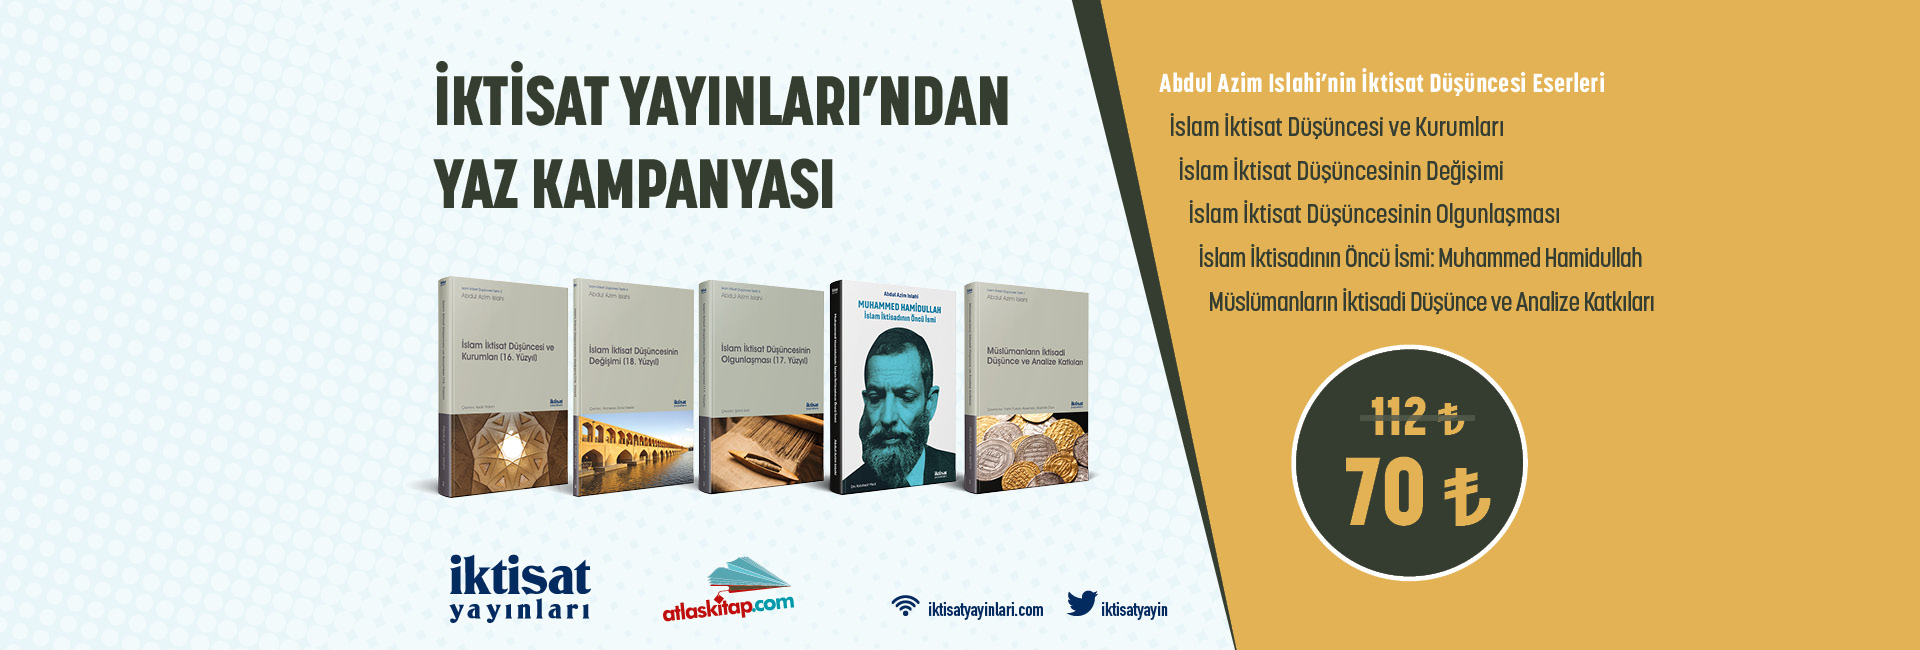 http://iktisatyayinlari.com/content/1-home/iiayazkampanyasi_web2.jpg